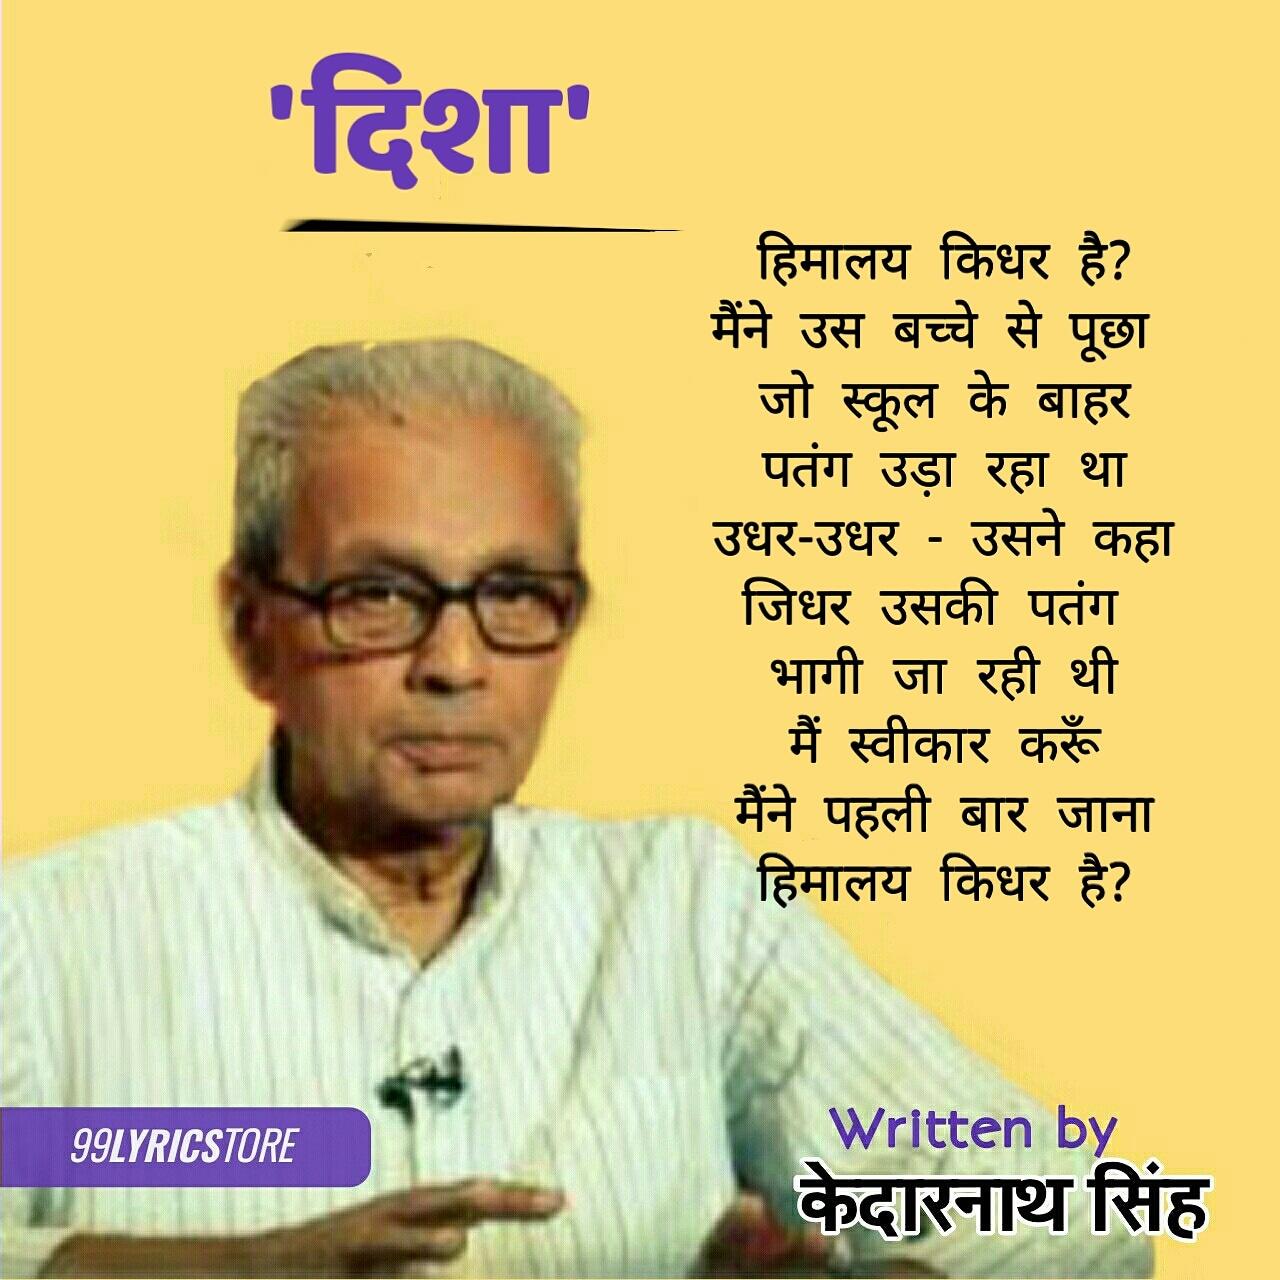 'दिशा' कविता केदारनाथ सिंह जी द्वारा लिखी गई एक हिन्दी कविता है। 'दिशा' कविता बाल मनोविज्ञान से संबंधित है जिसमें पतंग उड़ाते बच्चे से कवि पूछता है - हिमालय किधर है? बालक का उत्तर बाल सुलभ है कि हिमालय उधर है जिधर उसकी पतंग भागी जा रही है। हर व्यक्ति का अपना यथार्थ होता है , बच्चे यथार्थ को अपने ढंग से देखते हैं। कवि को यह बाल सुलभ संज्ञान मोह लेता है। कविता लघु आकार की है और यह कहती है कि हम बच्चों से कुछ न कुछ सीख सकते हैं। कविता की भाषा सहज है।